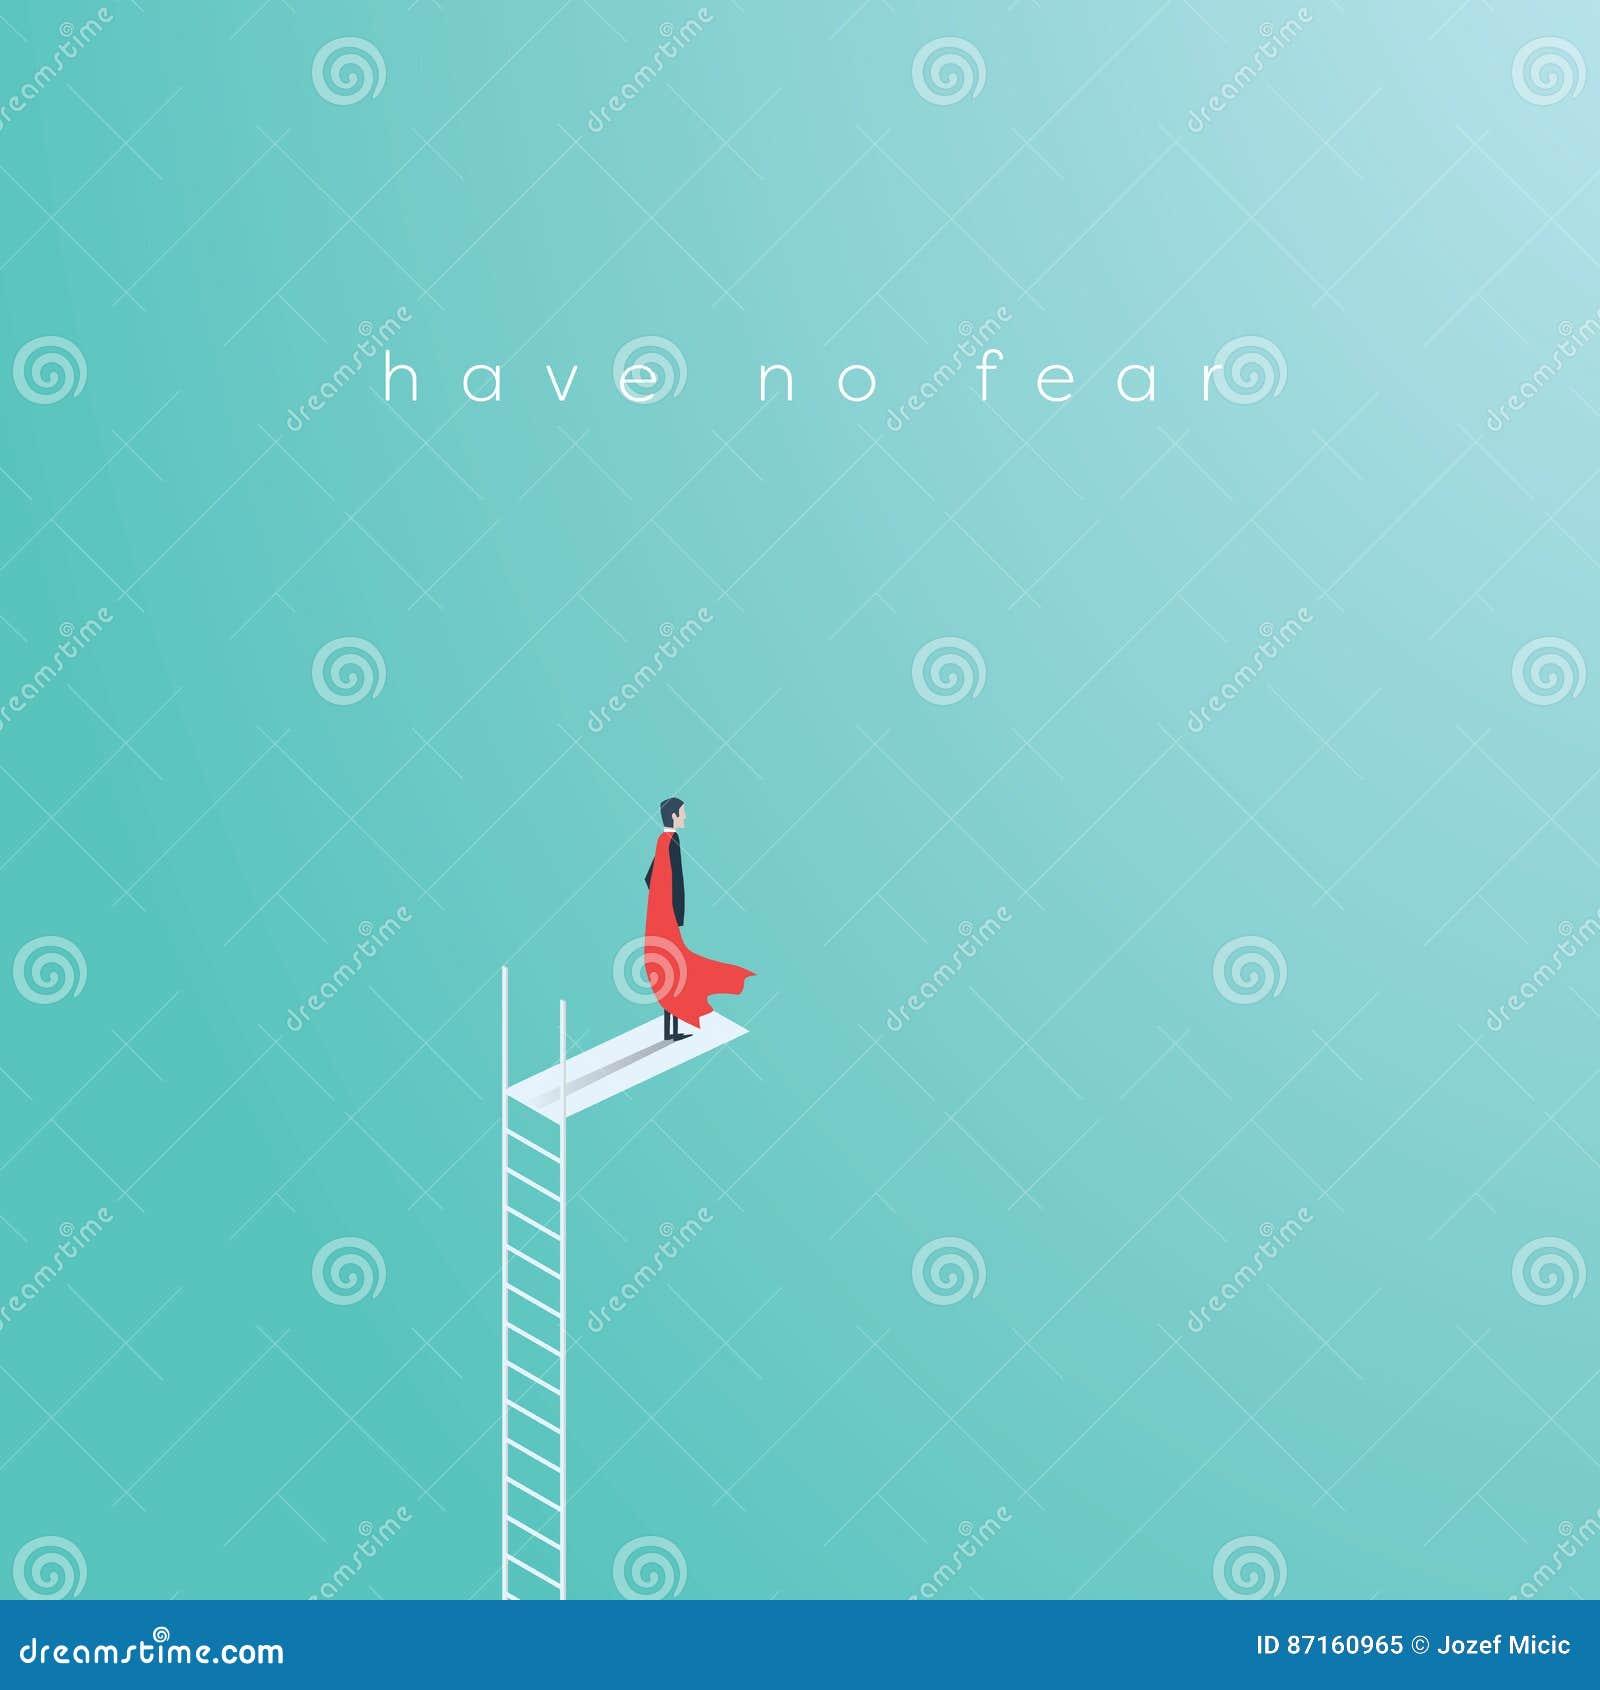 Bedrijfssuperherozakenman die zich op hoge laddersprong bevinden Symbool van bedrijfsmoed, onverschrokken moed, macht